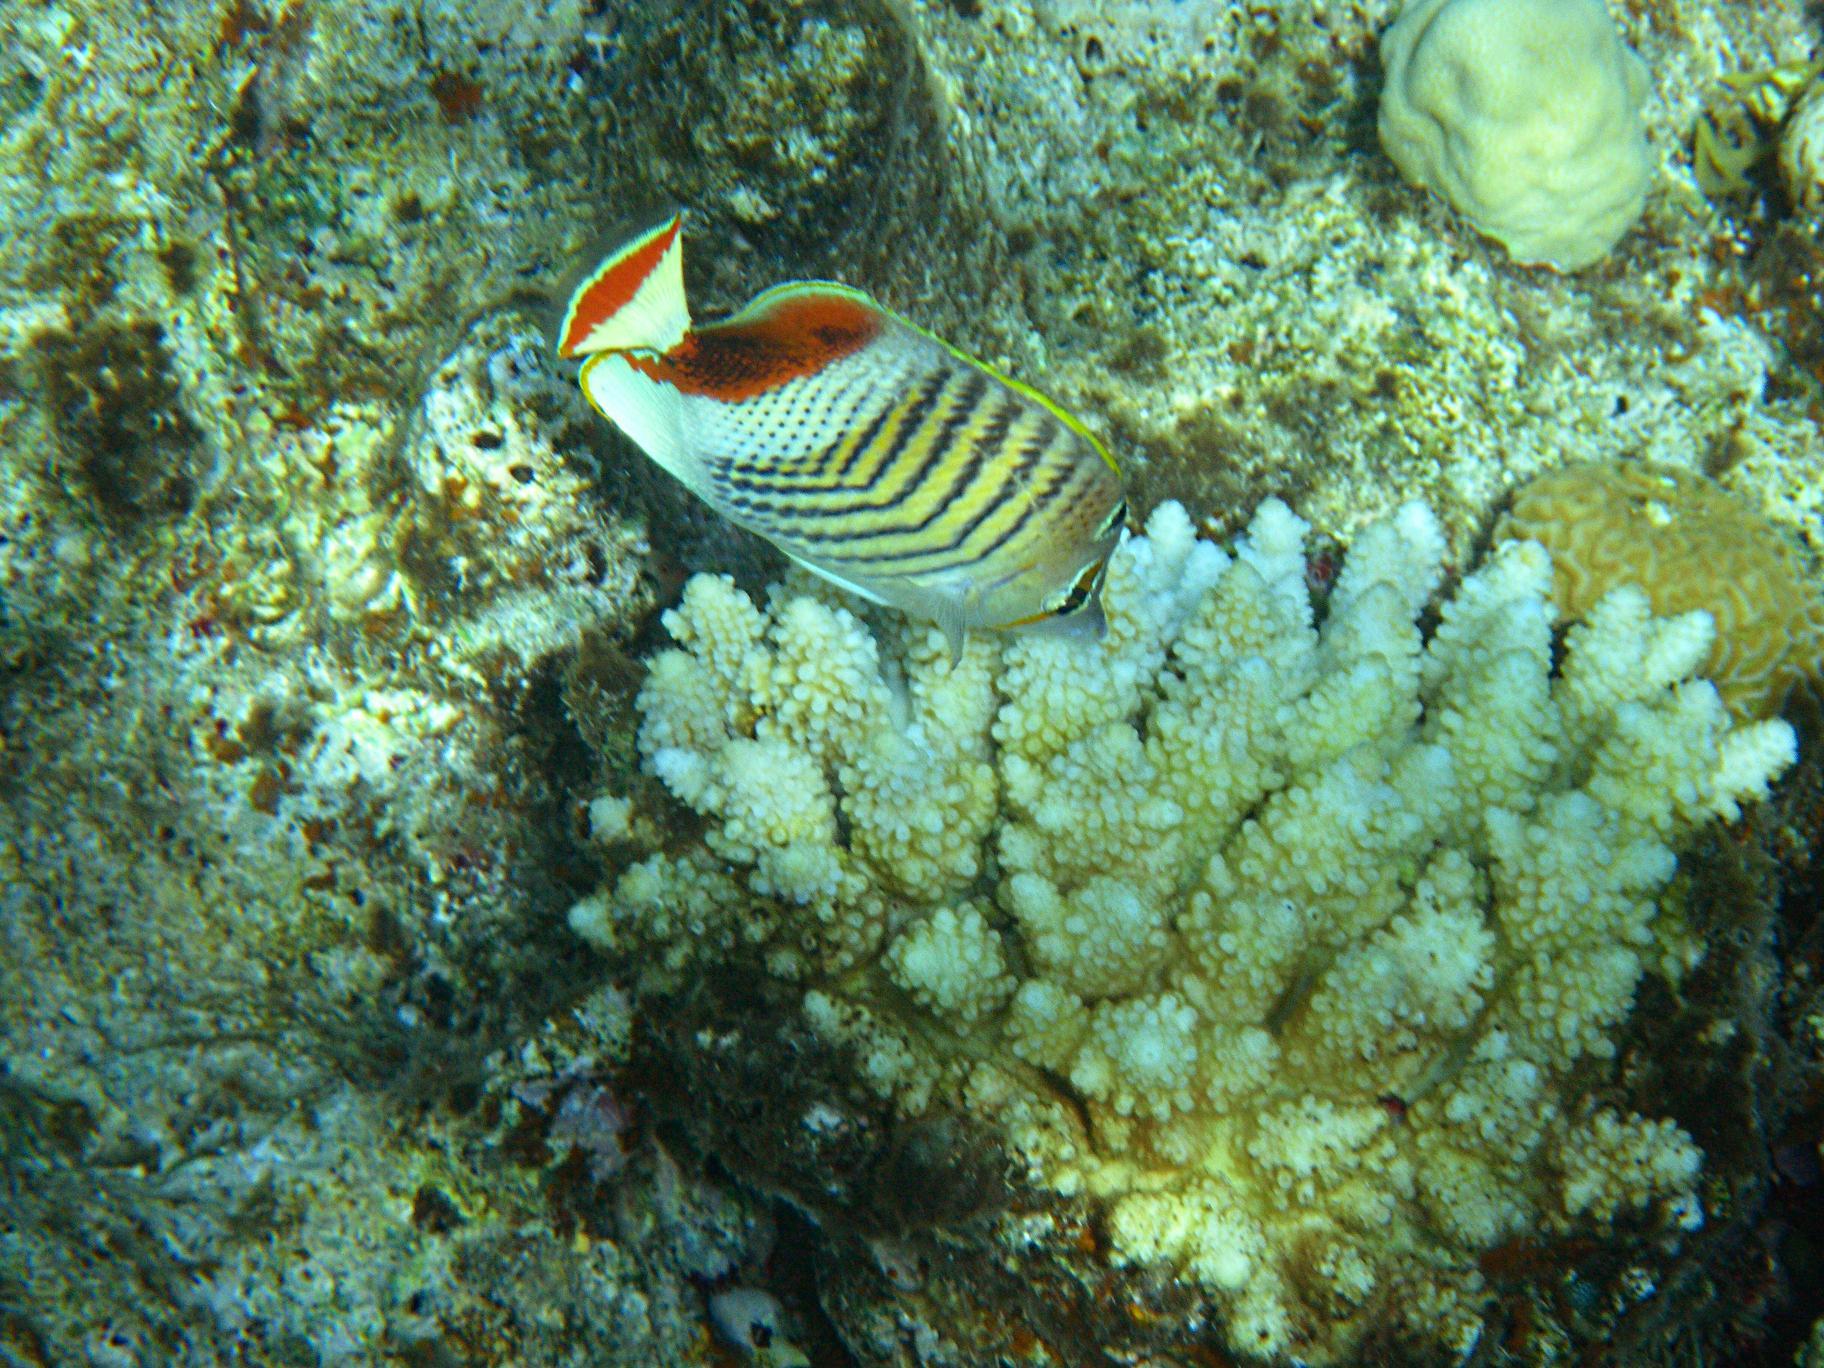 Красноспинная рыба-бабочка, лат.Chaetodon paucifasciatus, анг.Eritrean butterflyfish